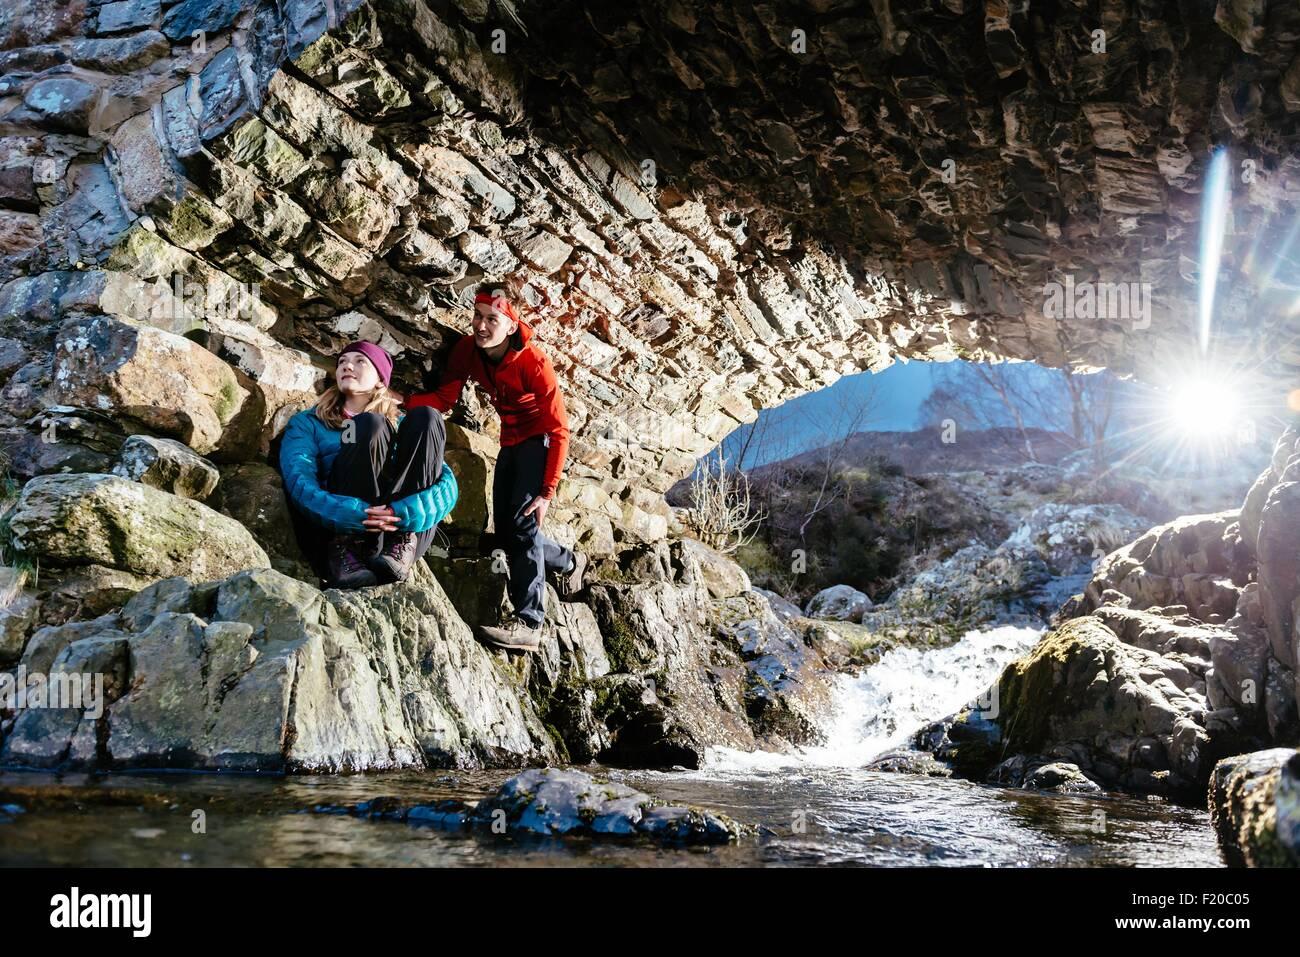 Young couple hiking, resting under bridge, Ashness Bridge, Keswick, Lake District, Cumbria, United Kingdom - Stock Image